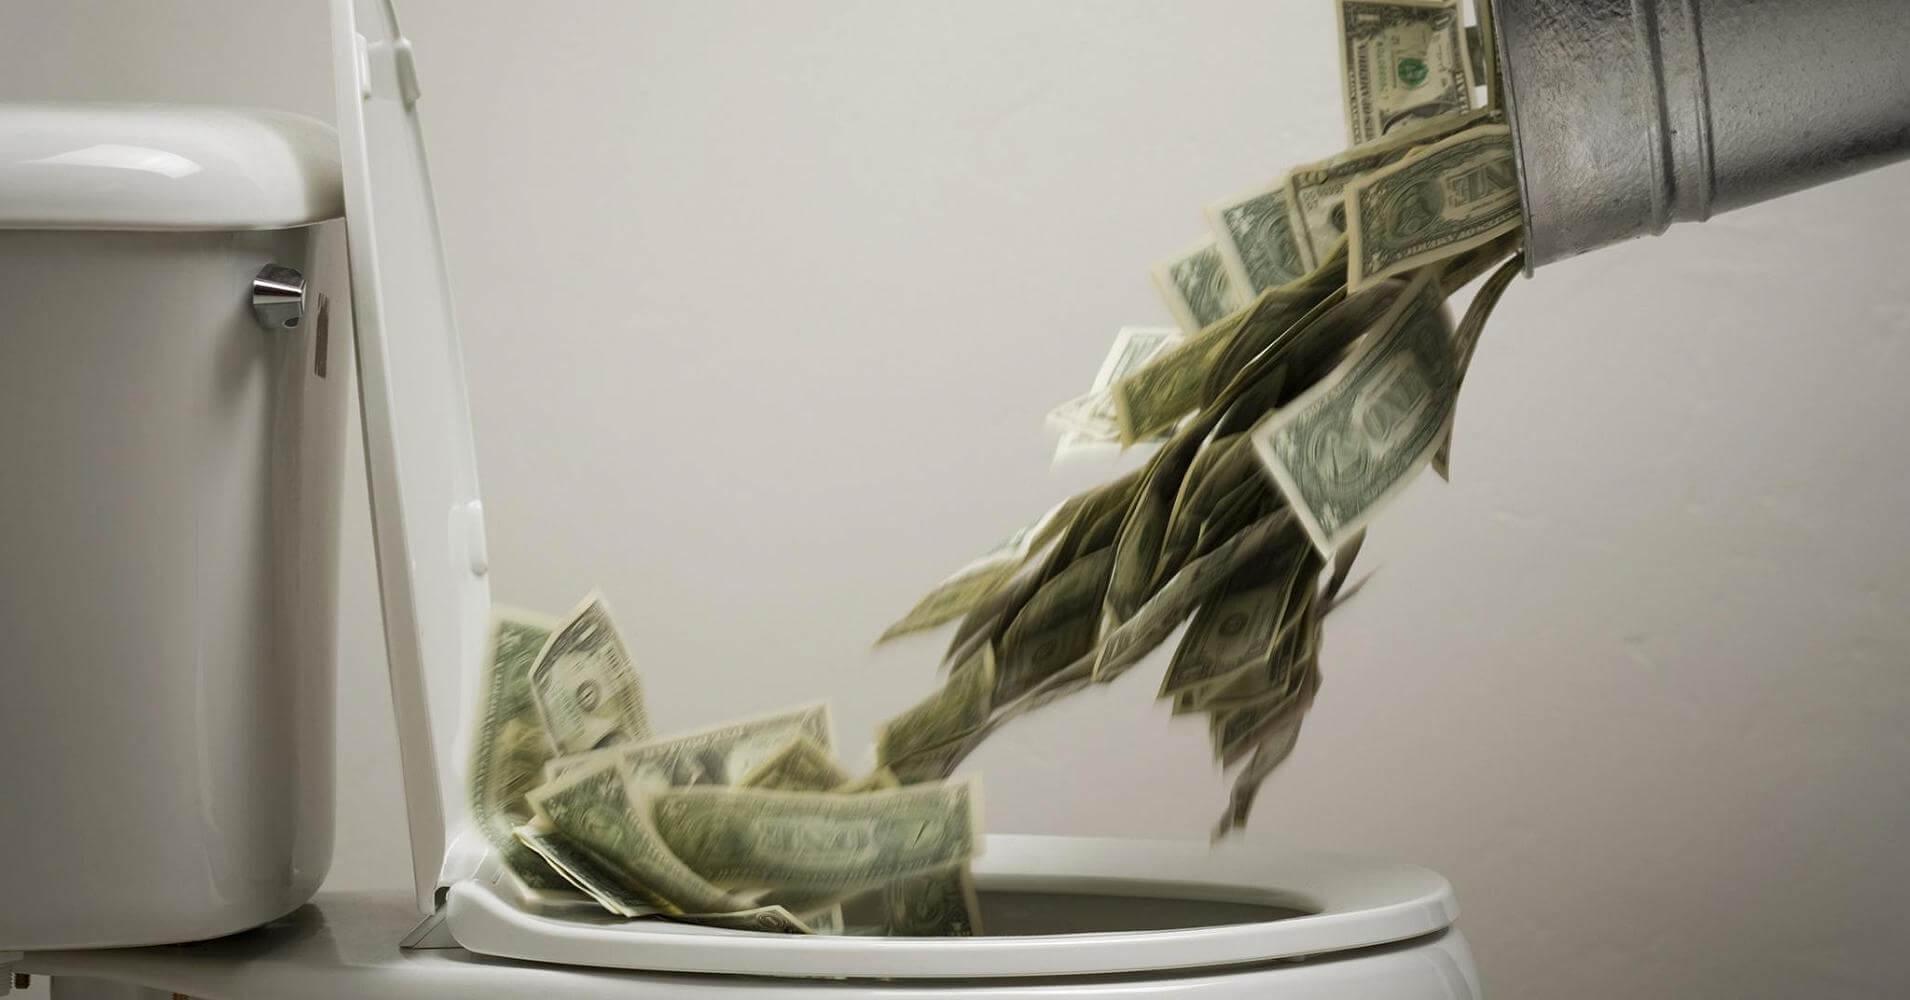 Пользователь ошибочно заплатил $9500 за транзакцию в $120